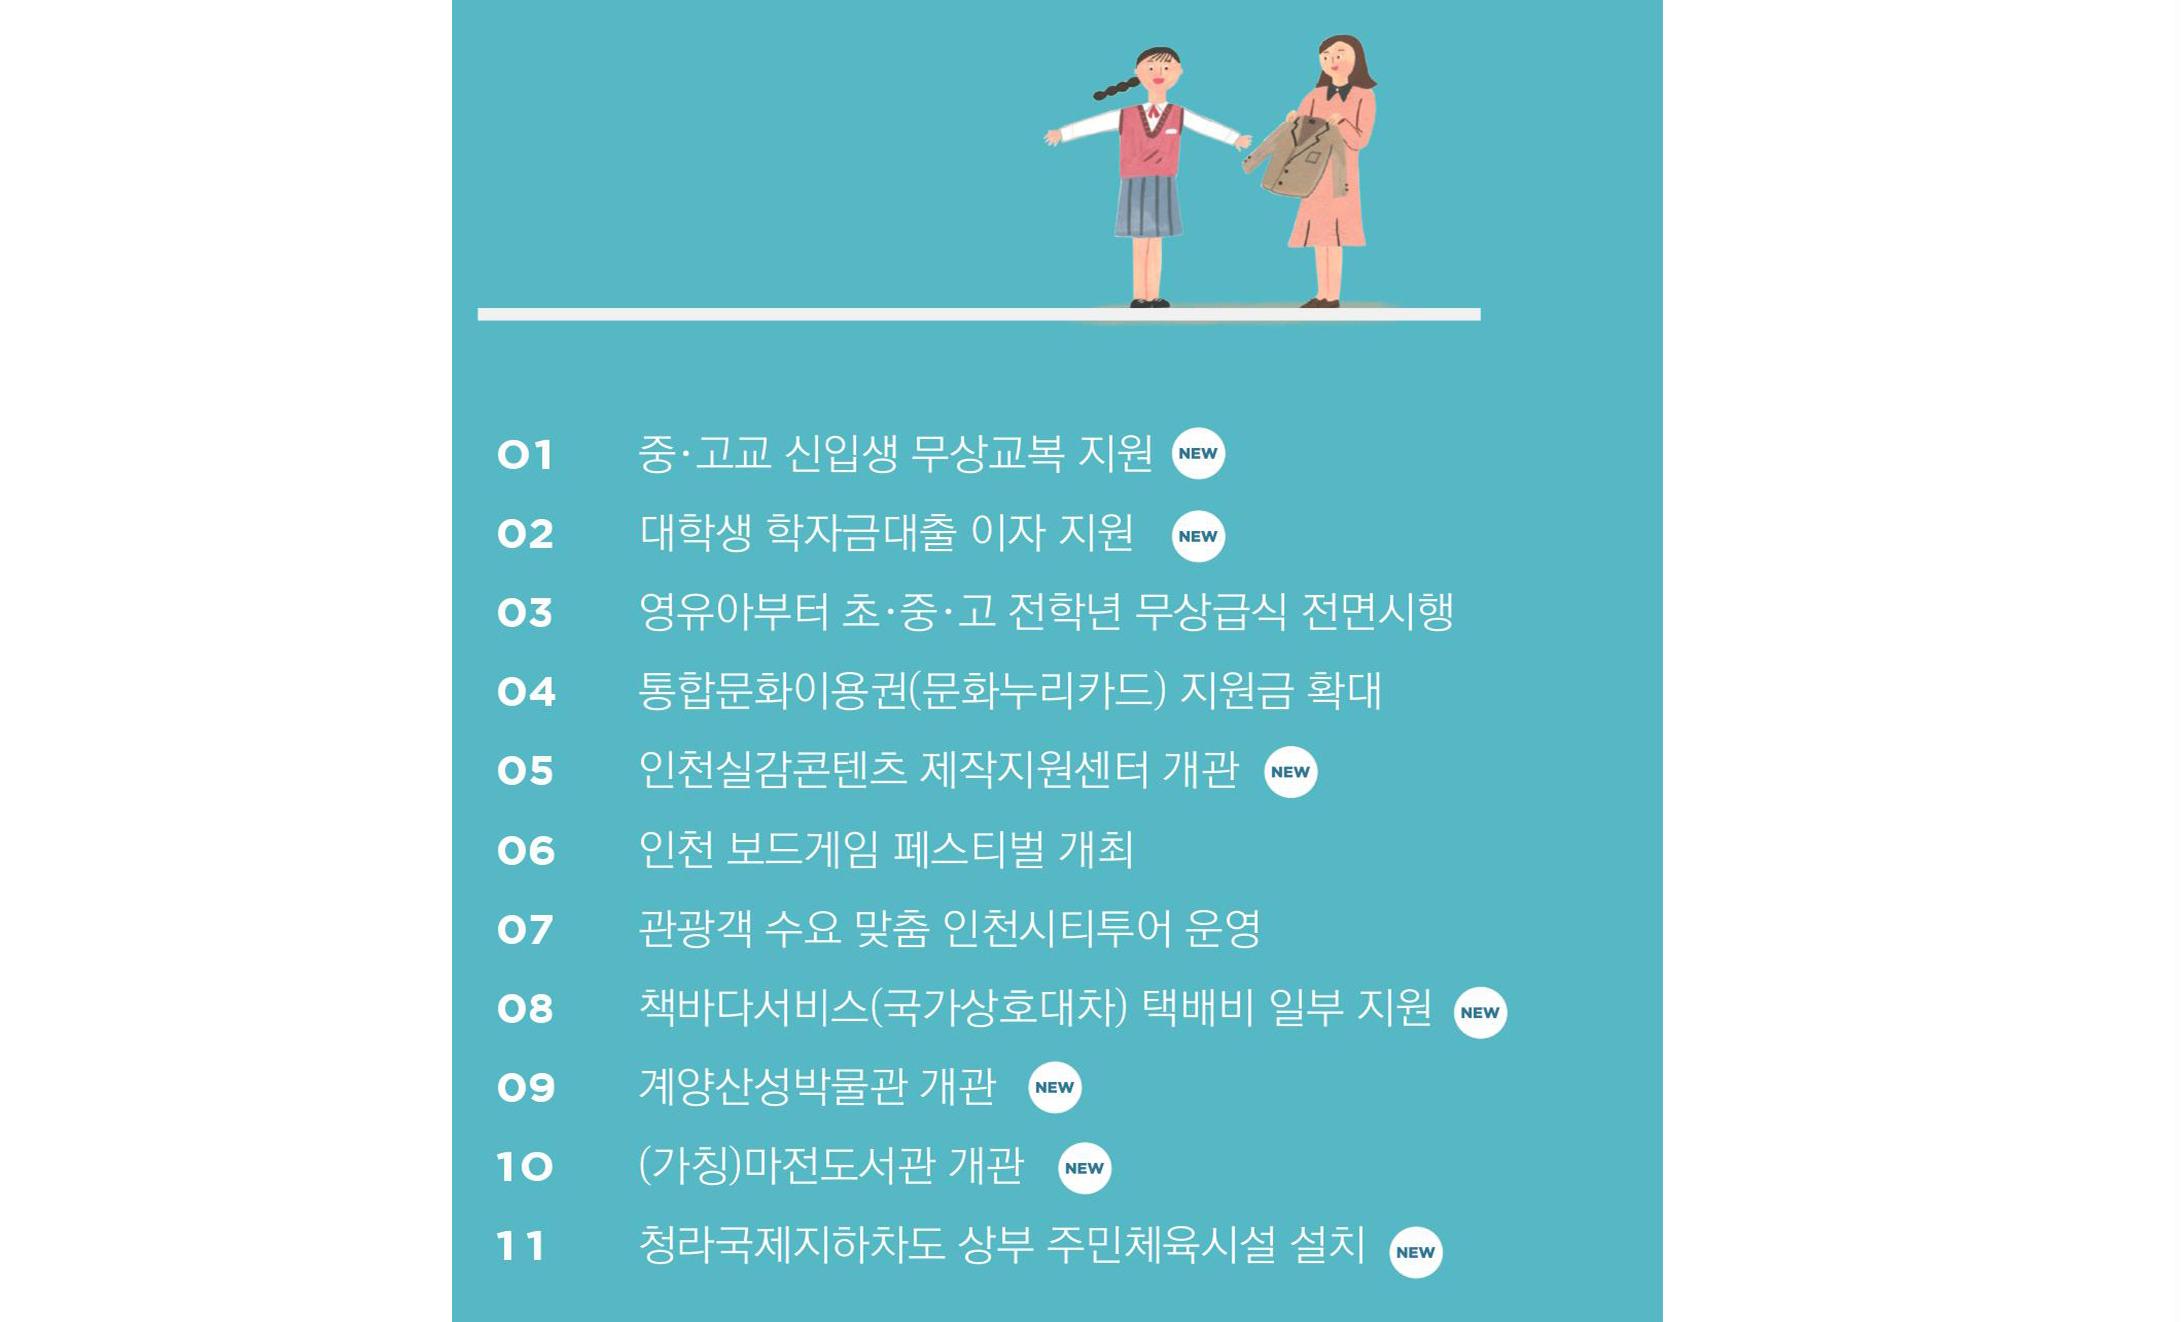 2019년 인천 교육 | 문화 | 관광 | 체육 달라지는 것들